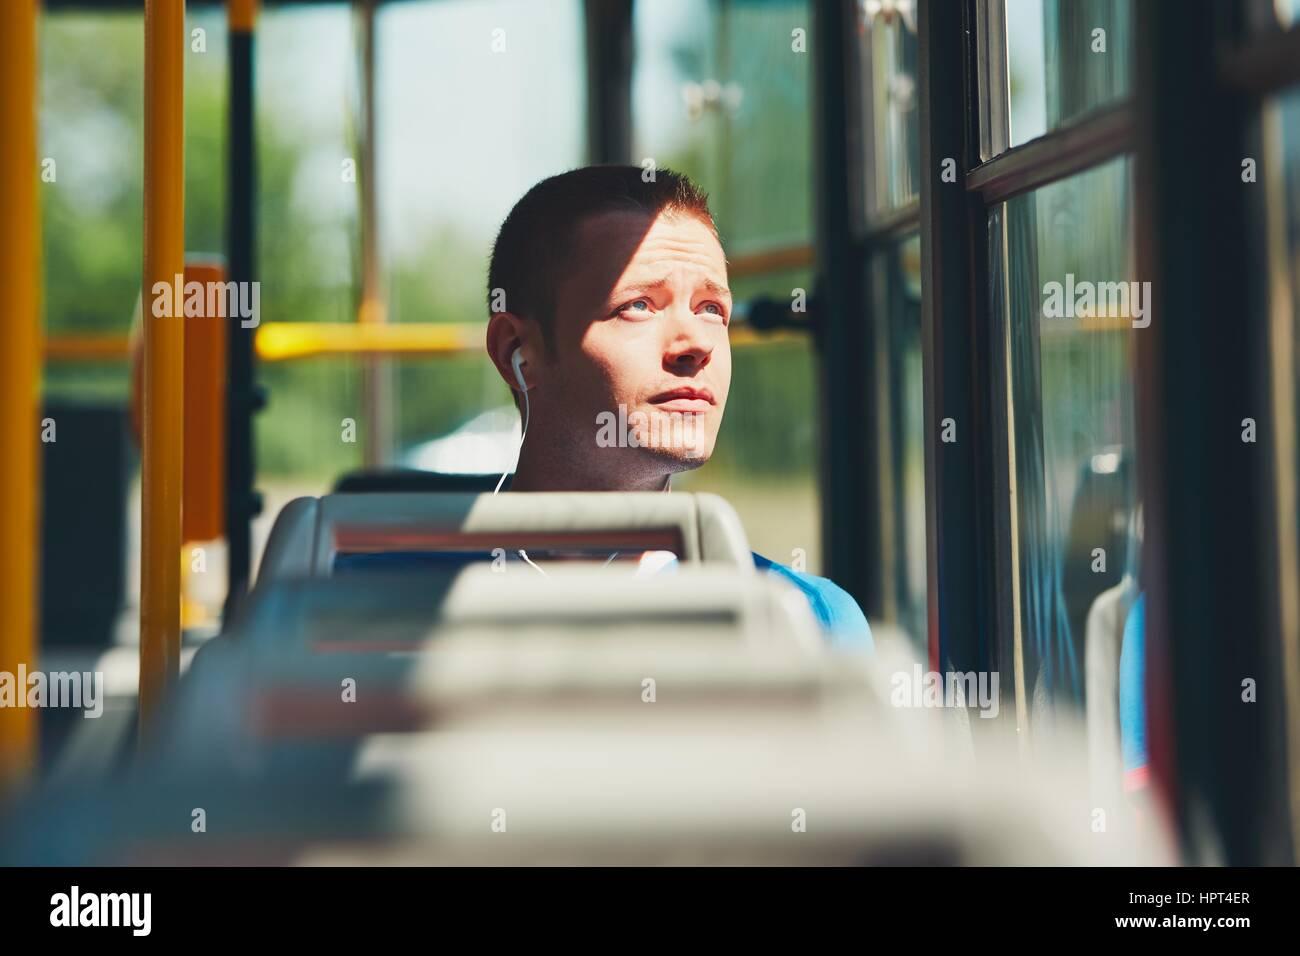 La vita quotidiana e il pendolarismo per lavorare con i mezzi di trasporto pubblici. Bel giovane uomo è in Immagini Stock